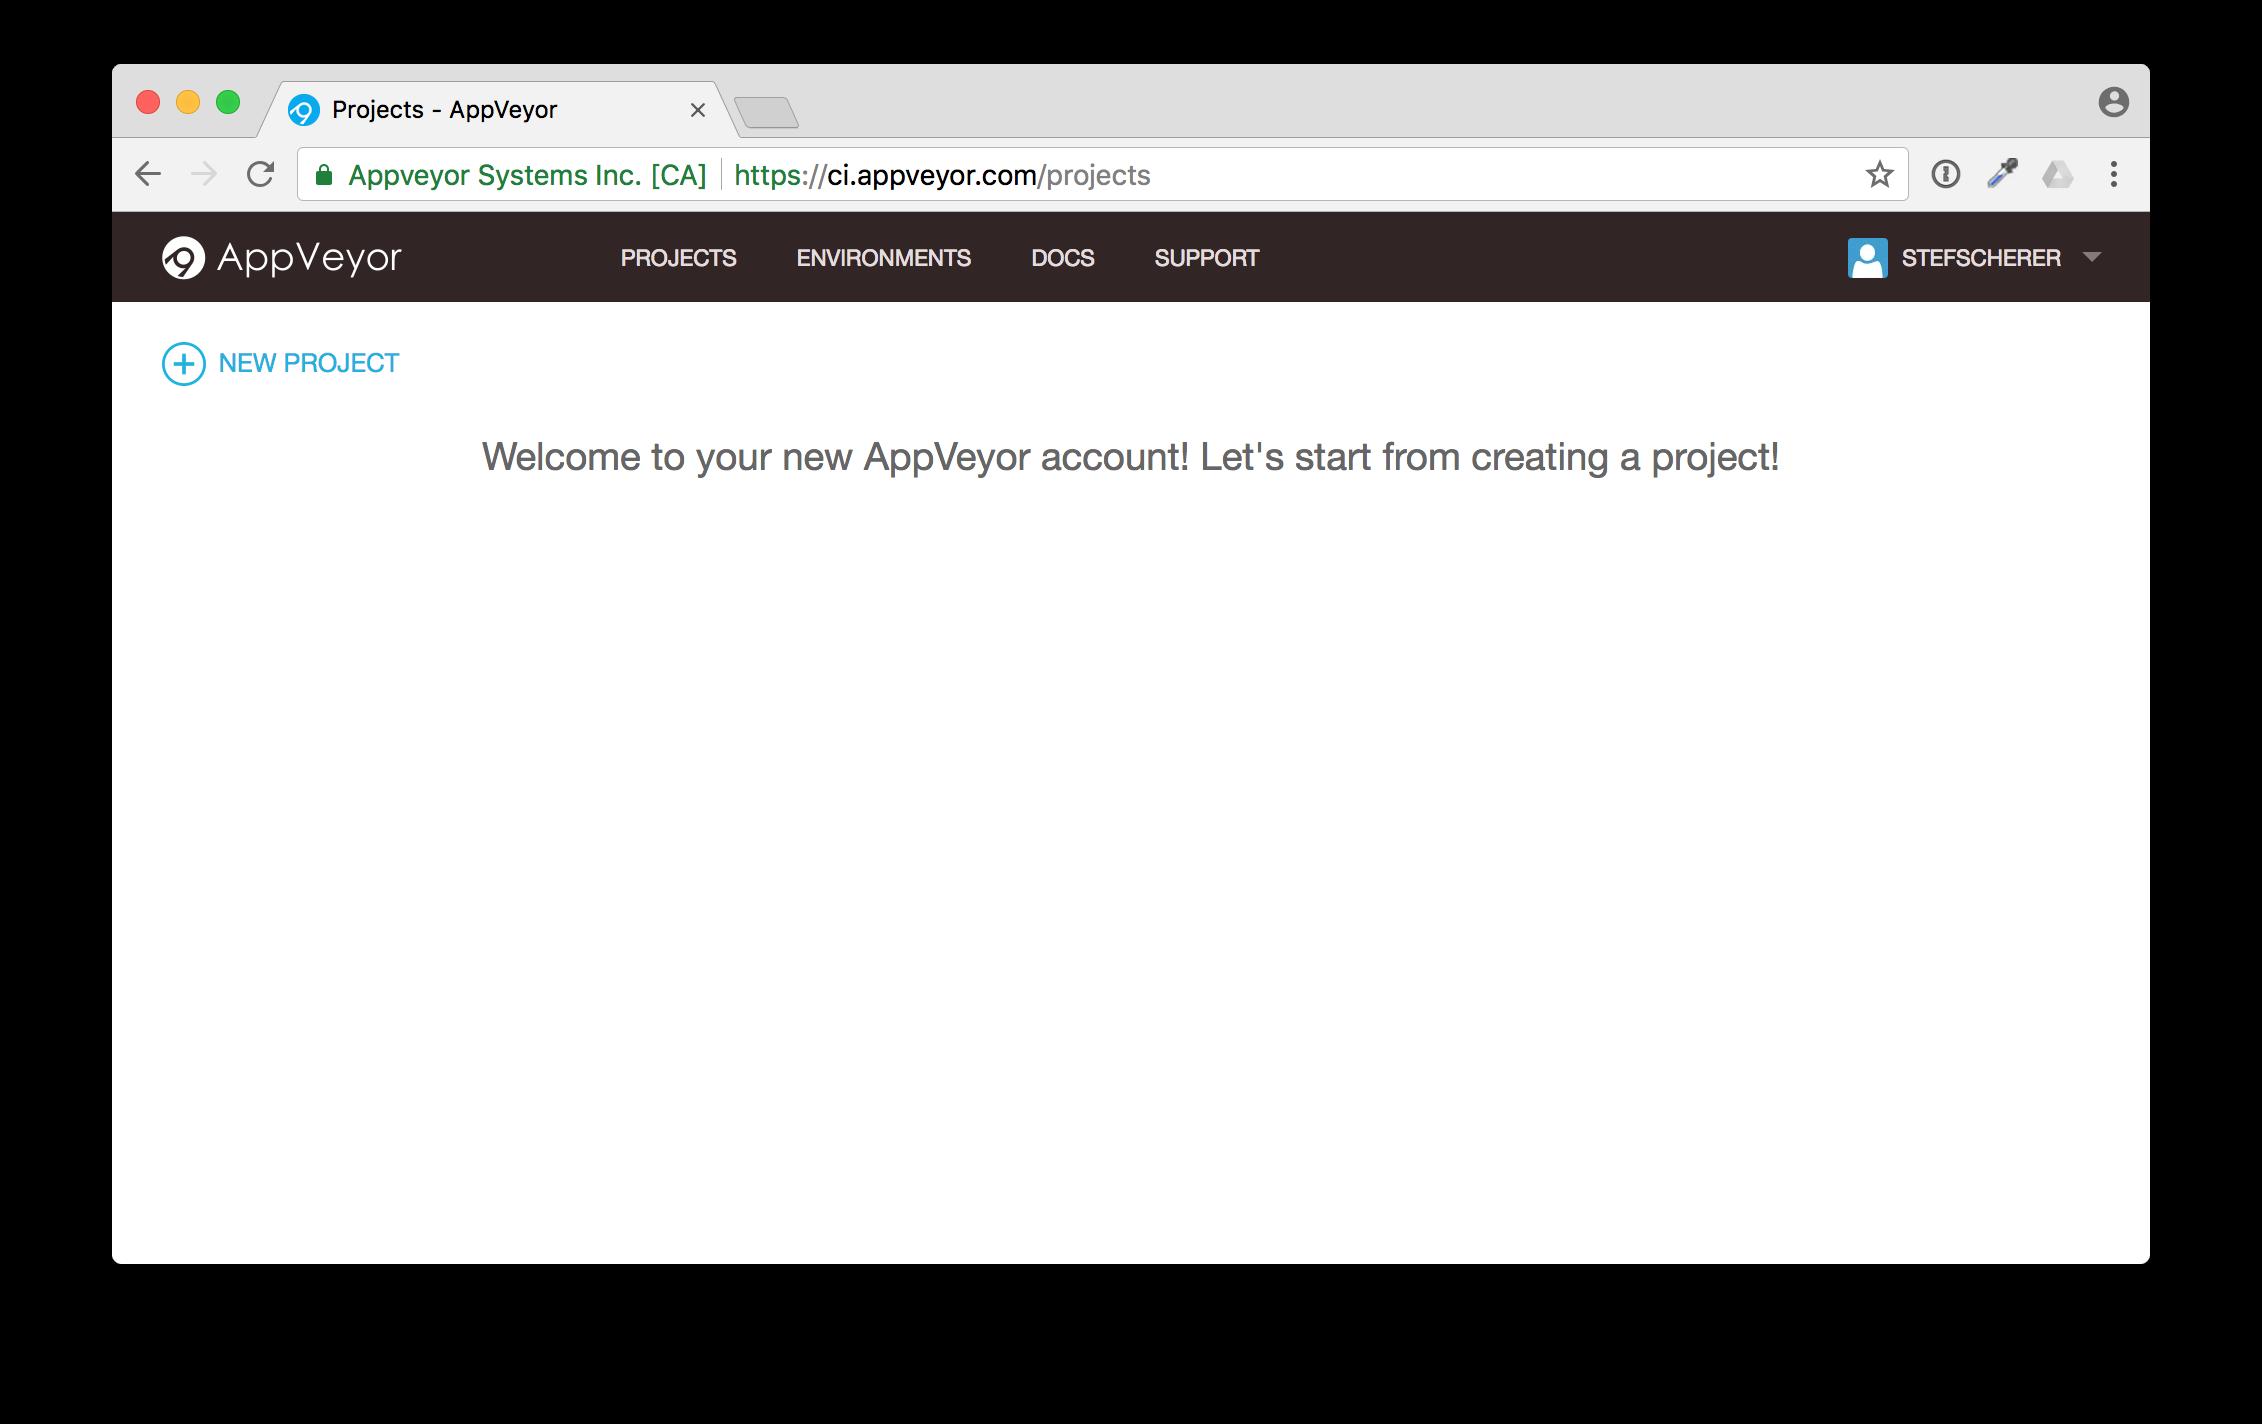 appveyor-lets-start